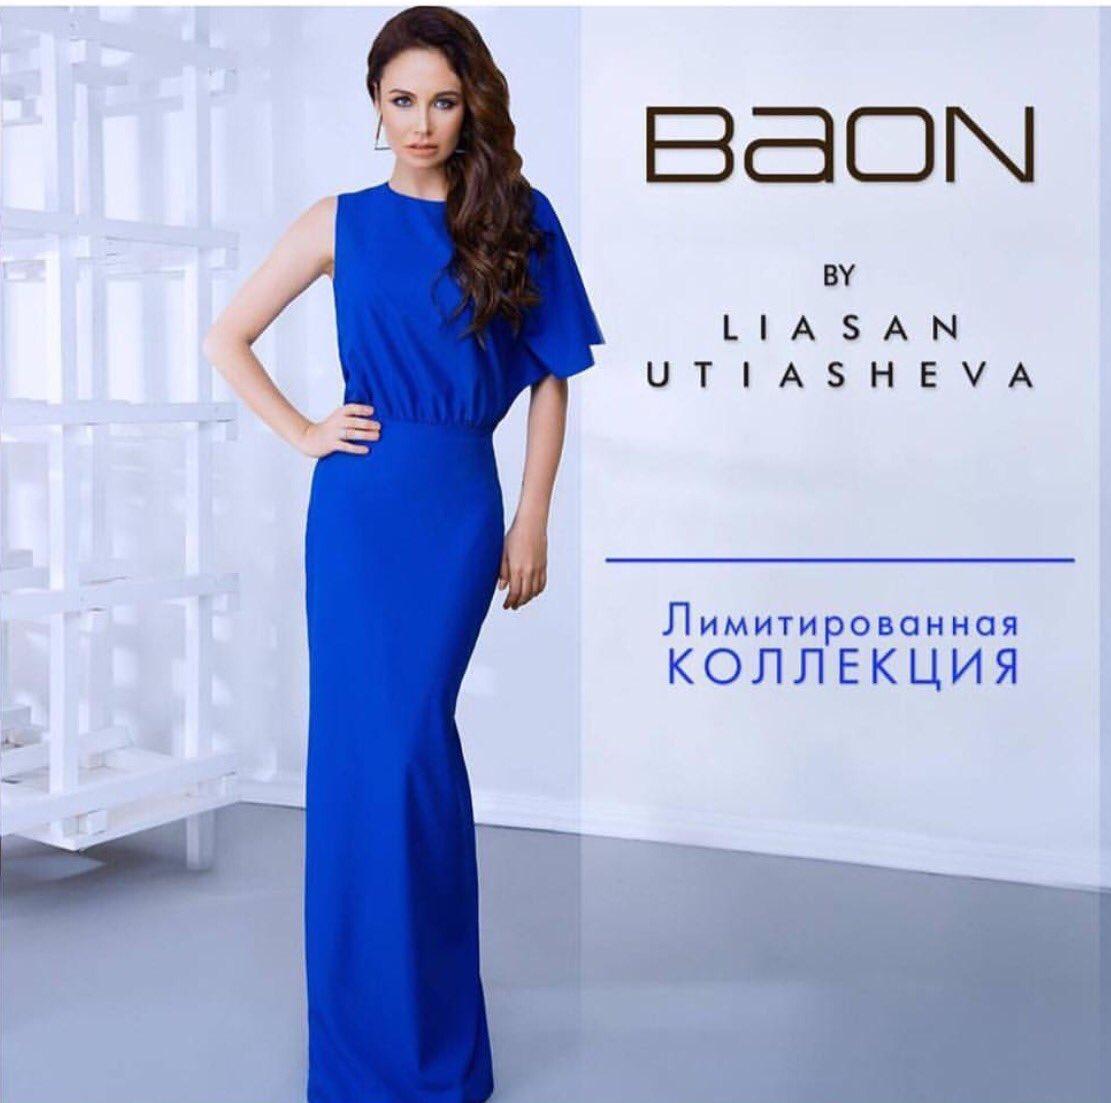 Поделюсь с вами красивыми фотографиями из моей коллекции для бренда Baon https://t.co/4kE6TBls1H https://t.co/H82wC6FAgl